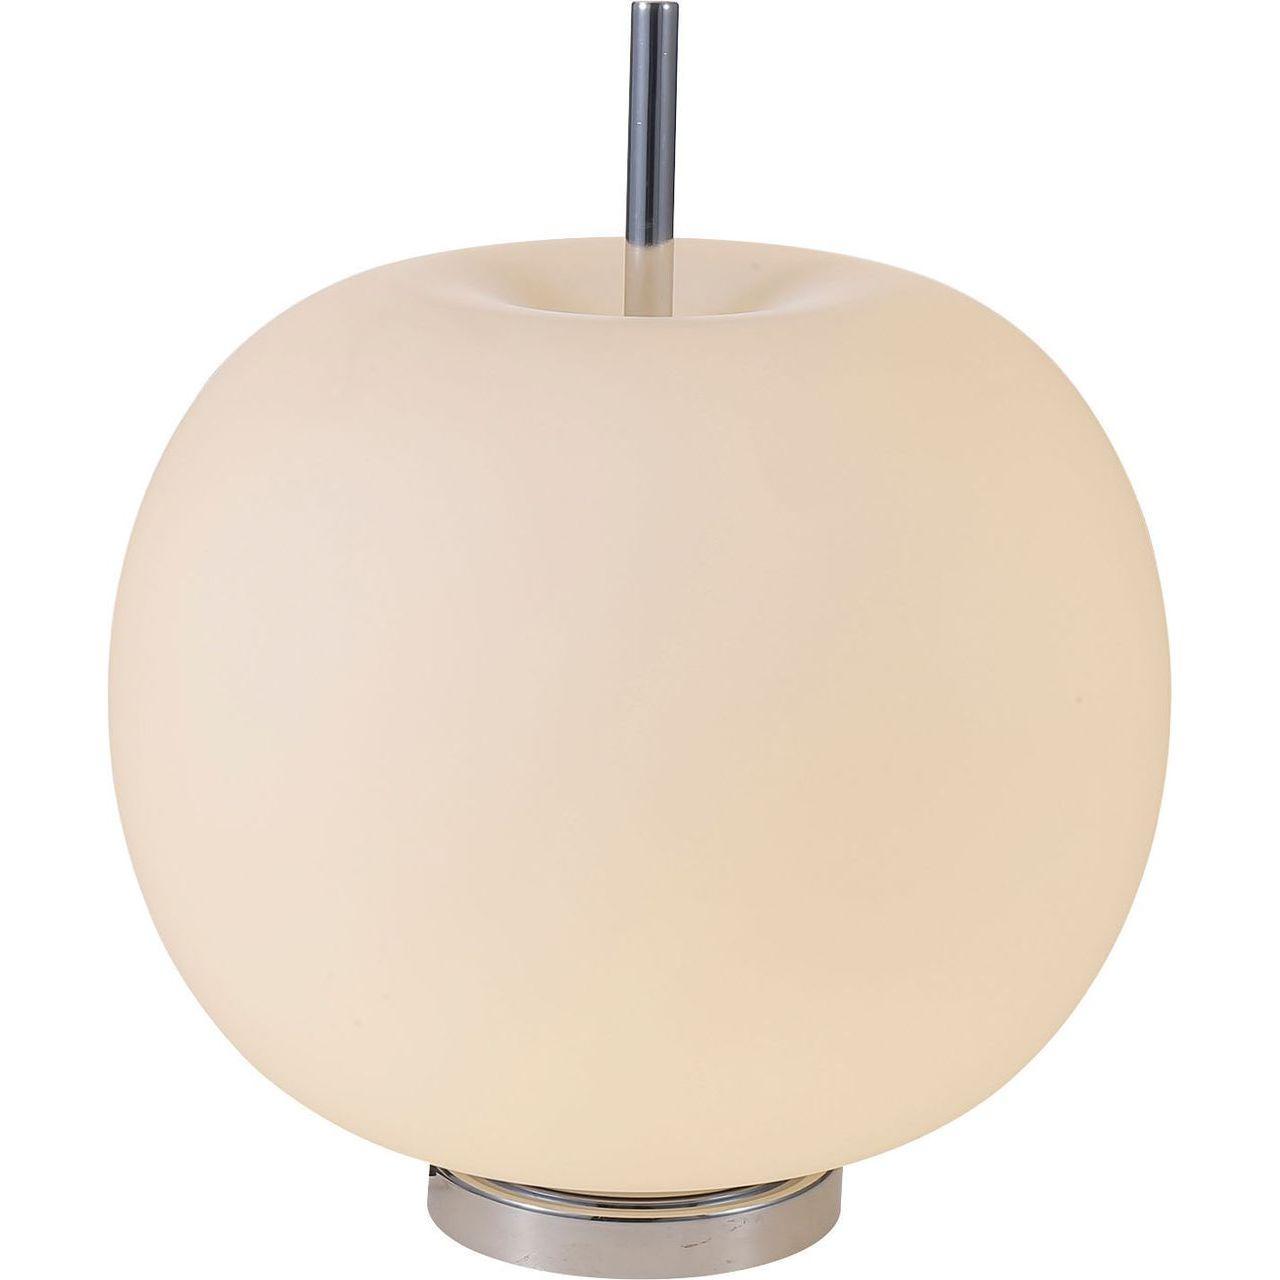 Купить со скидкой Настольная лампа Spot Light Apple с плафоном из стекла